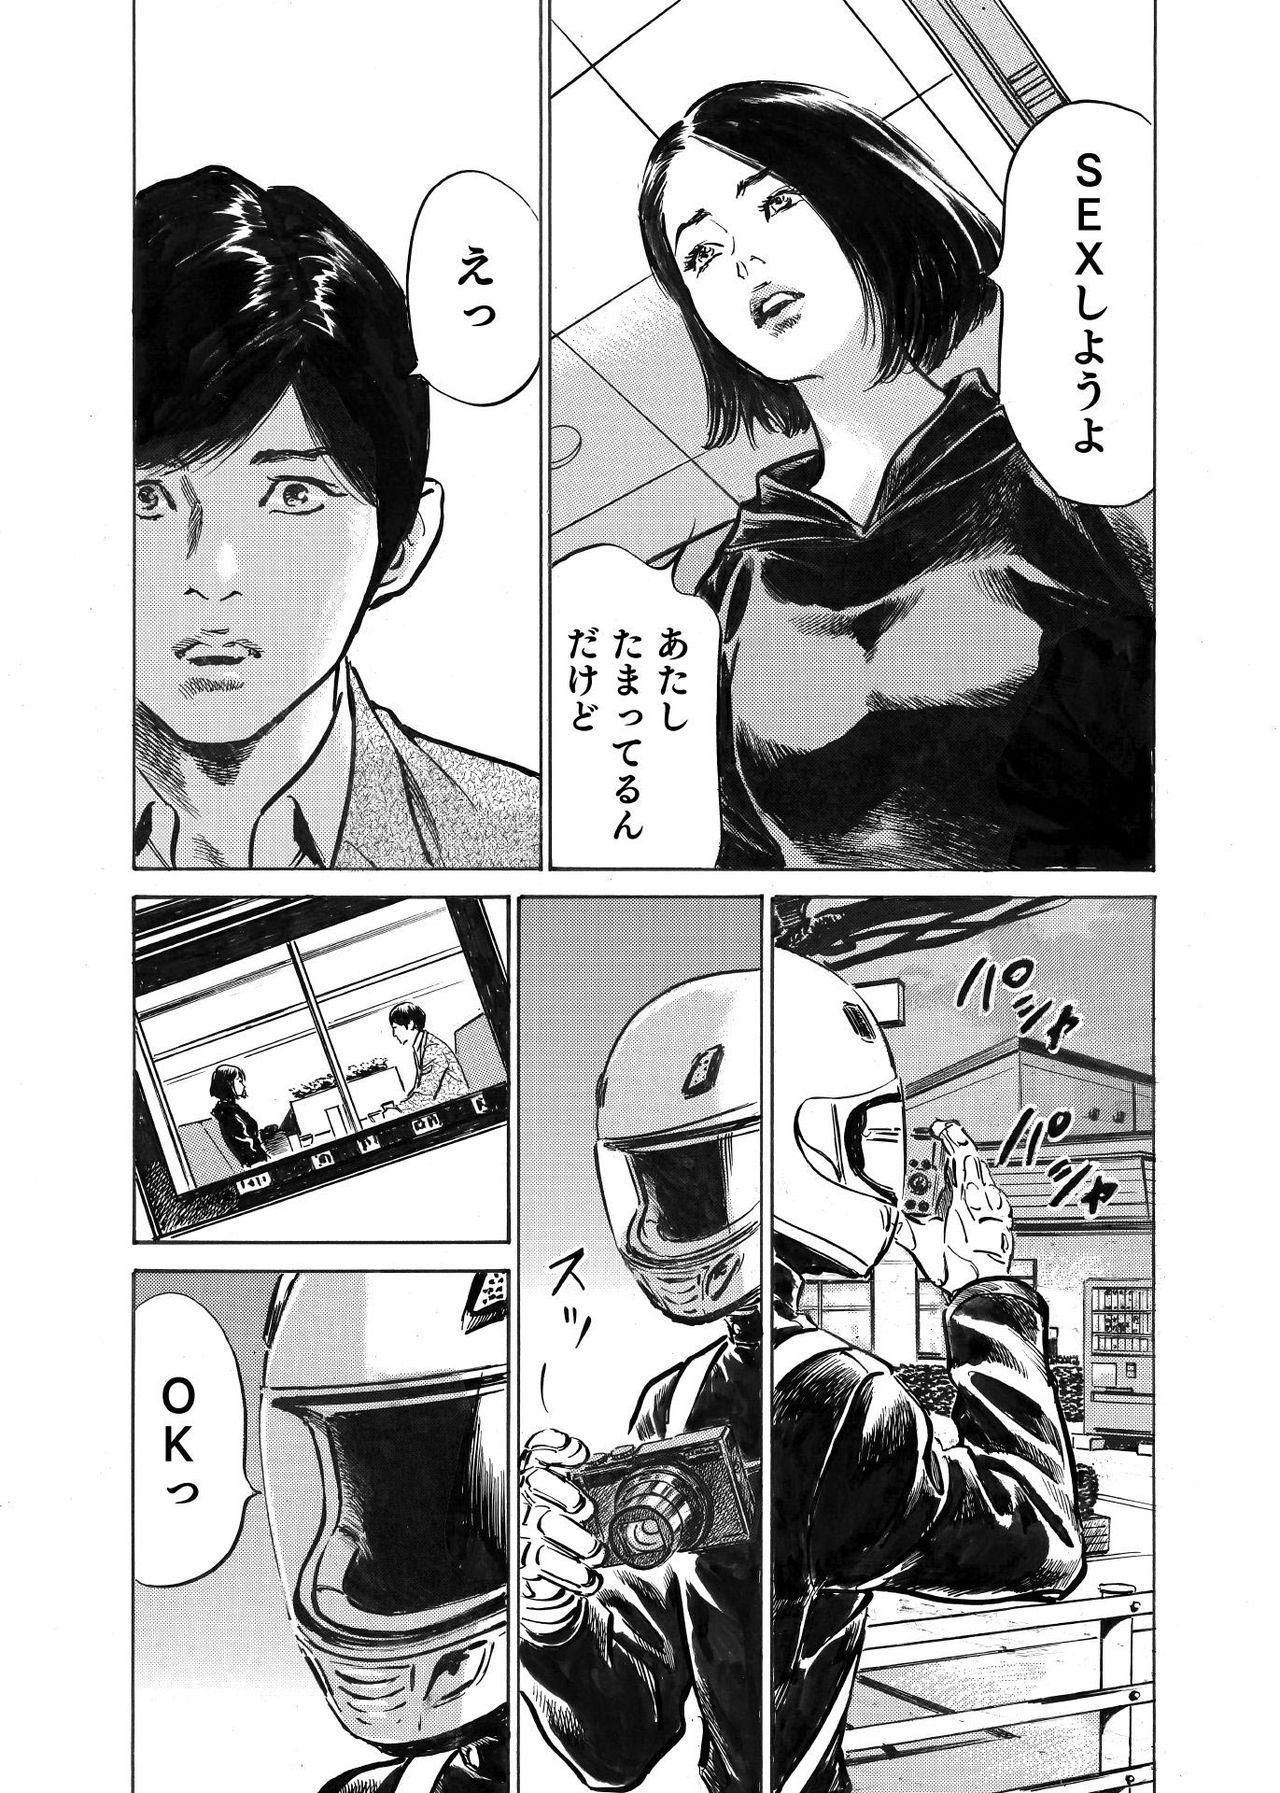 Ore wa Tsuma no Koto o Yoku Shiranai 1-9 62